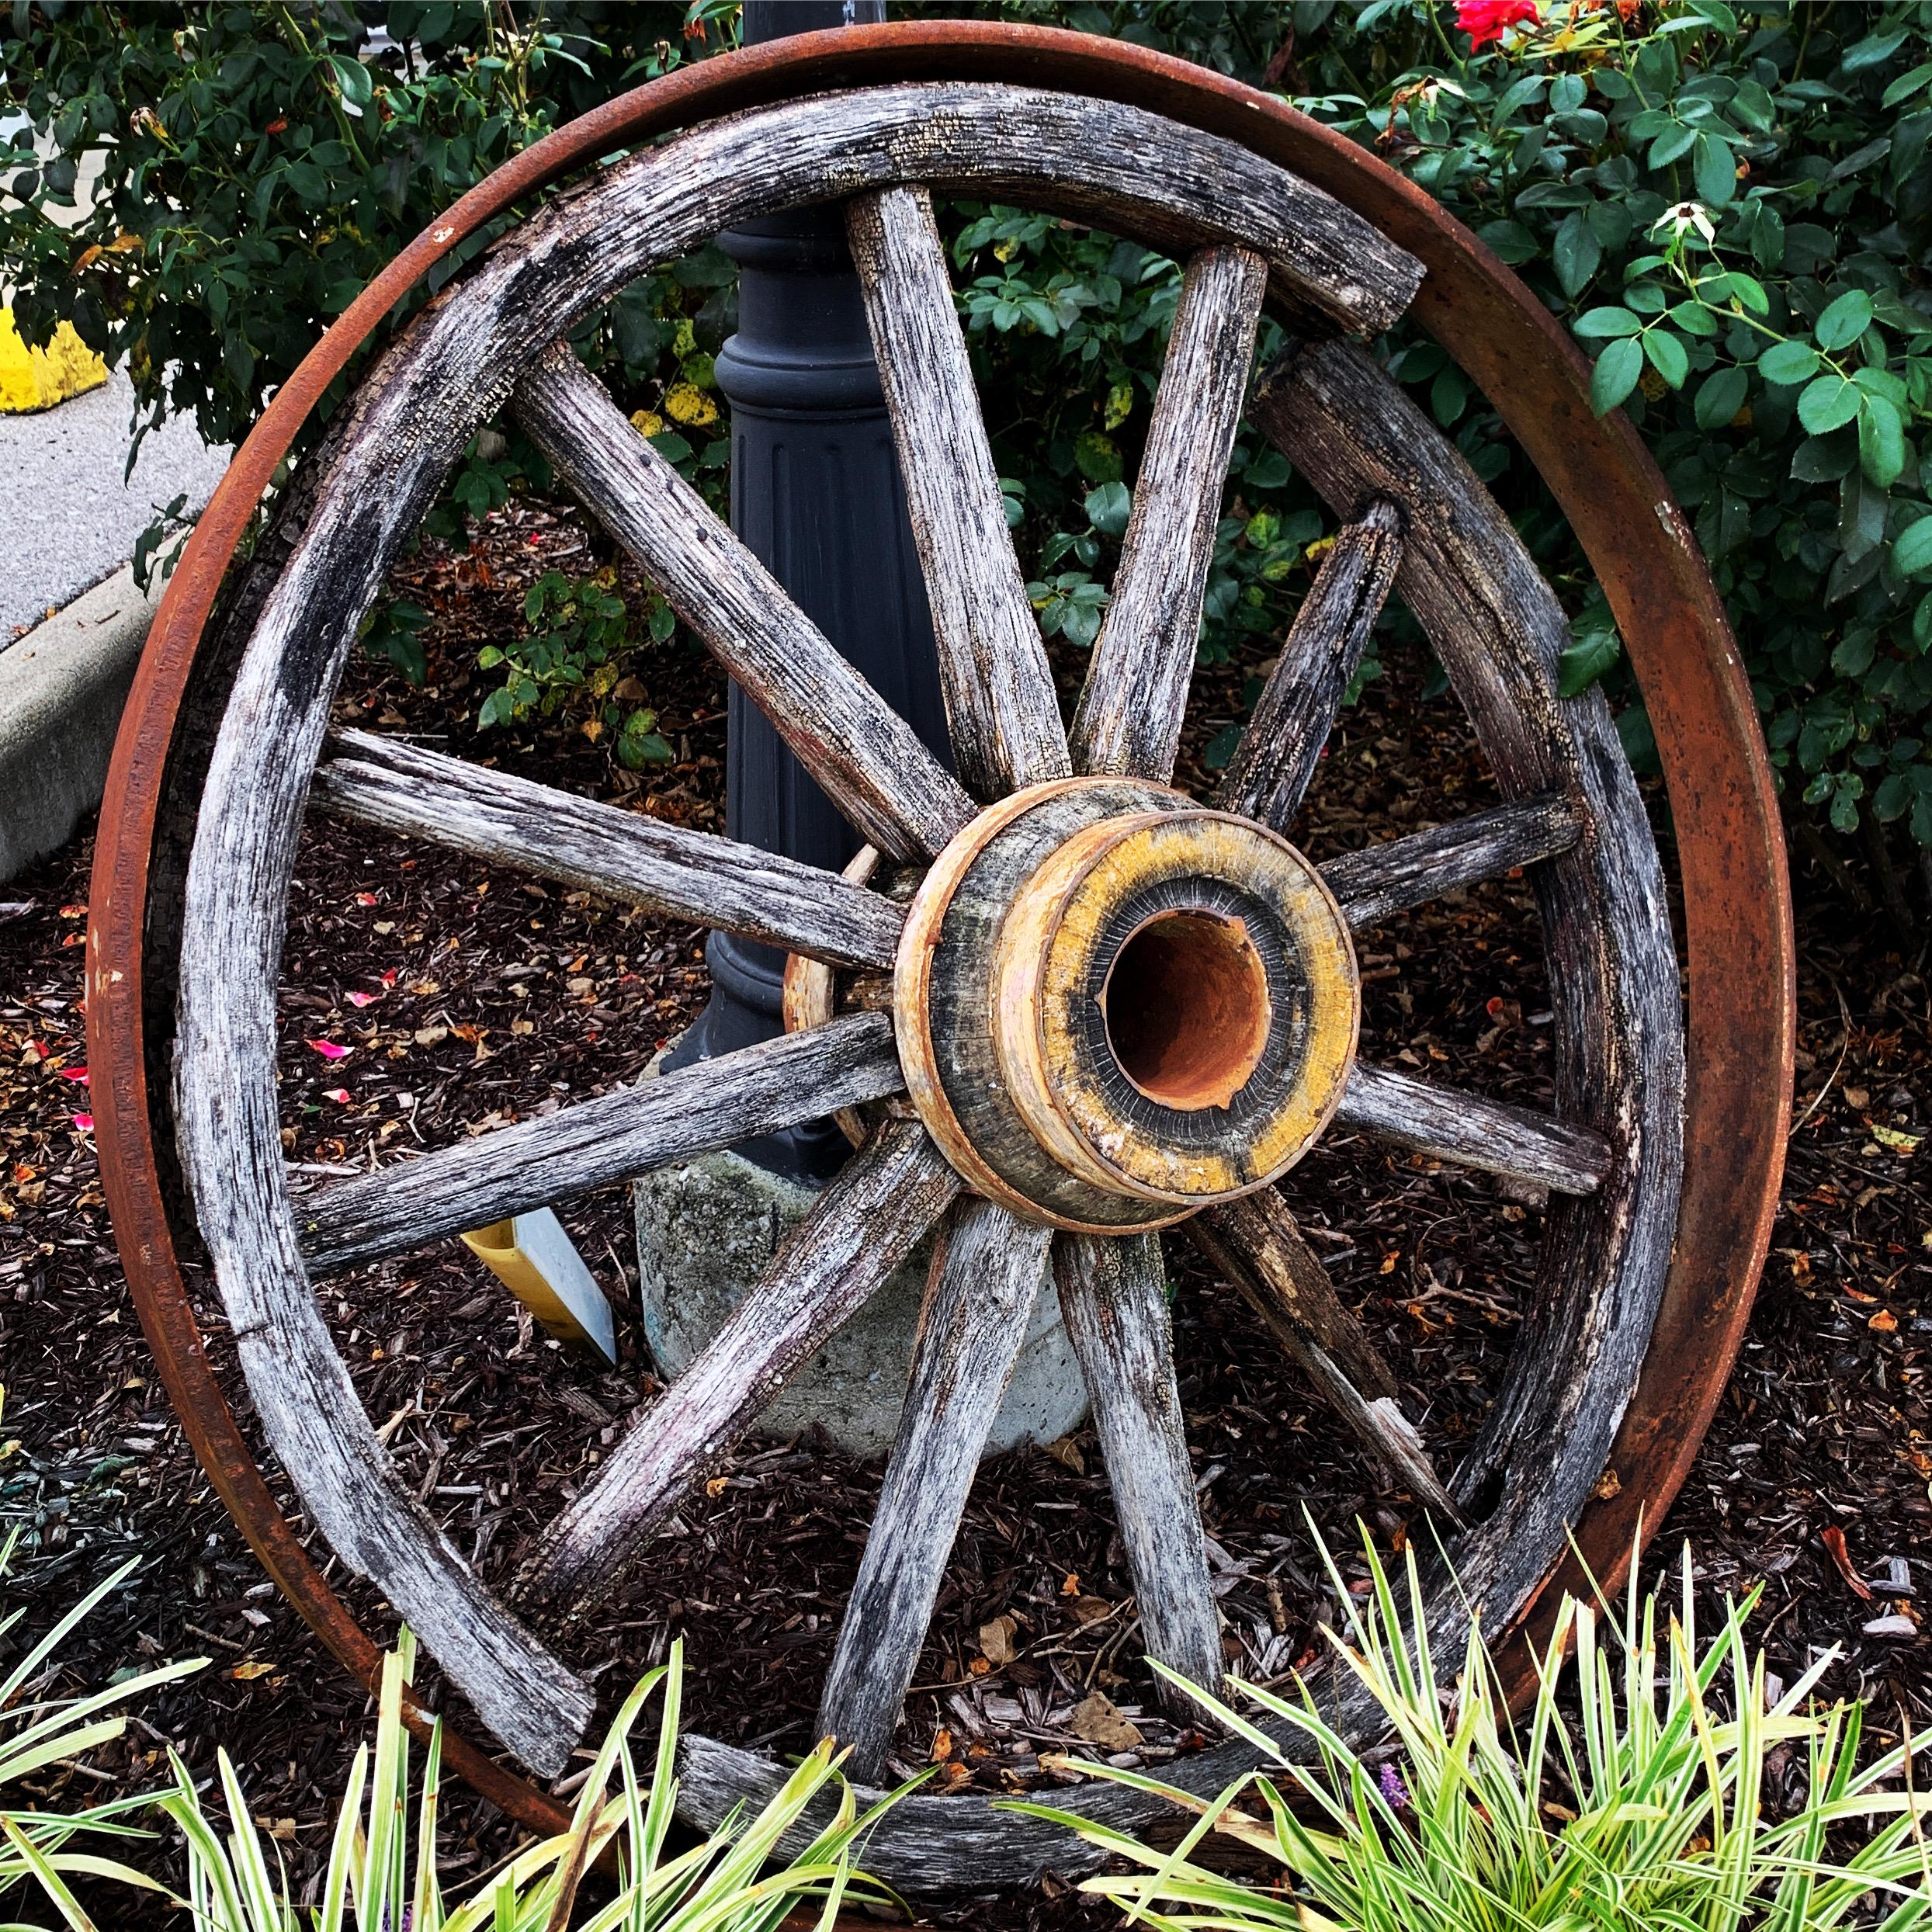 Nolensville Broken Wheel - www.Nolensville.realestate